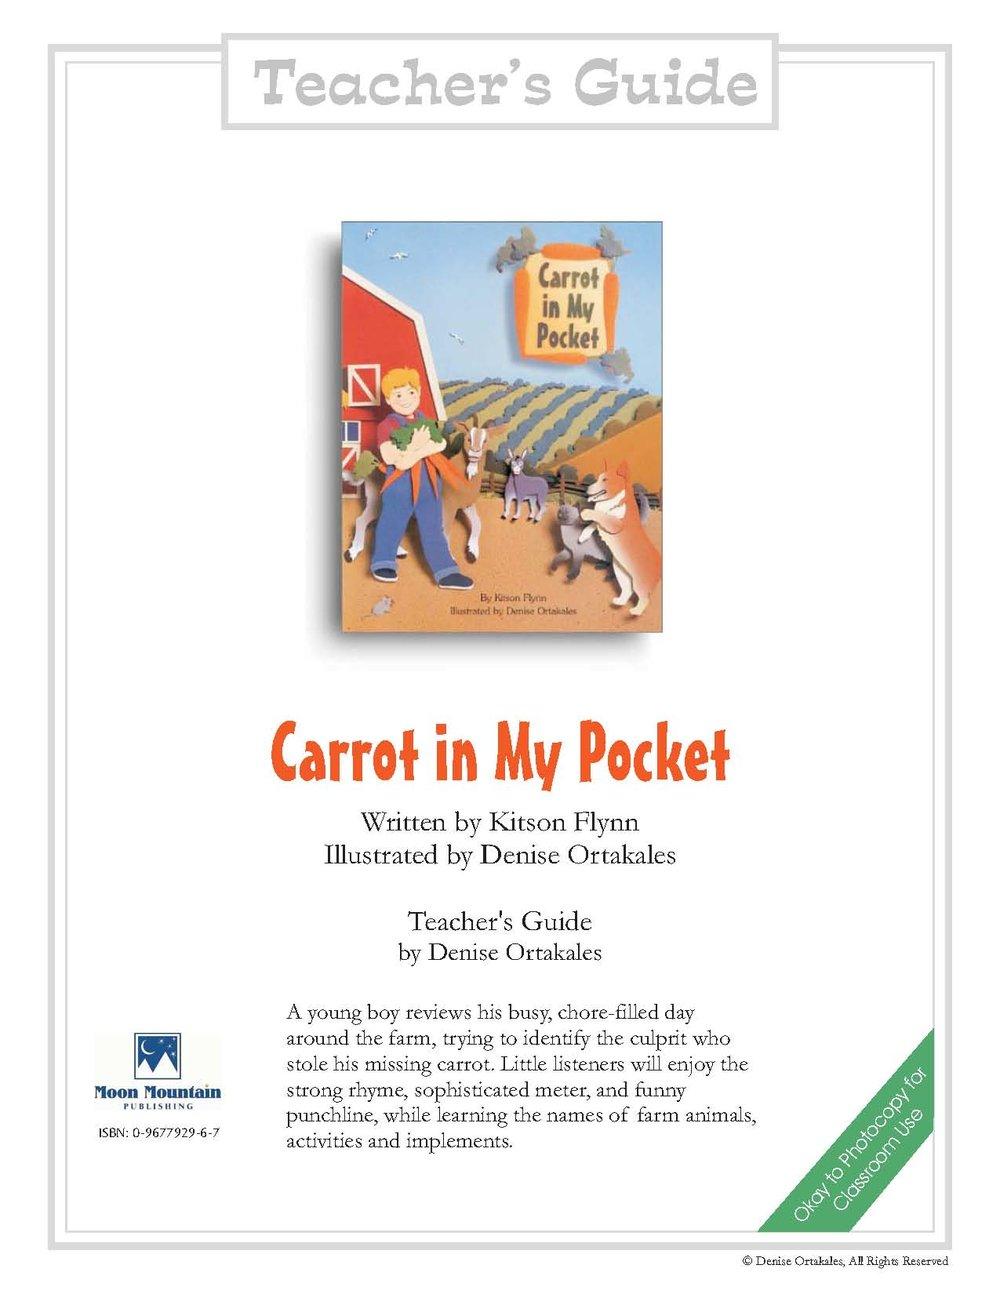 Carrot in My Pocket Teacher's Guide ©Denise Ortakales